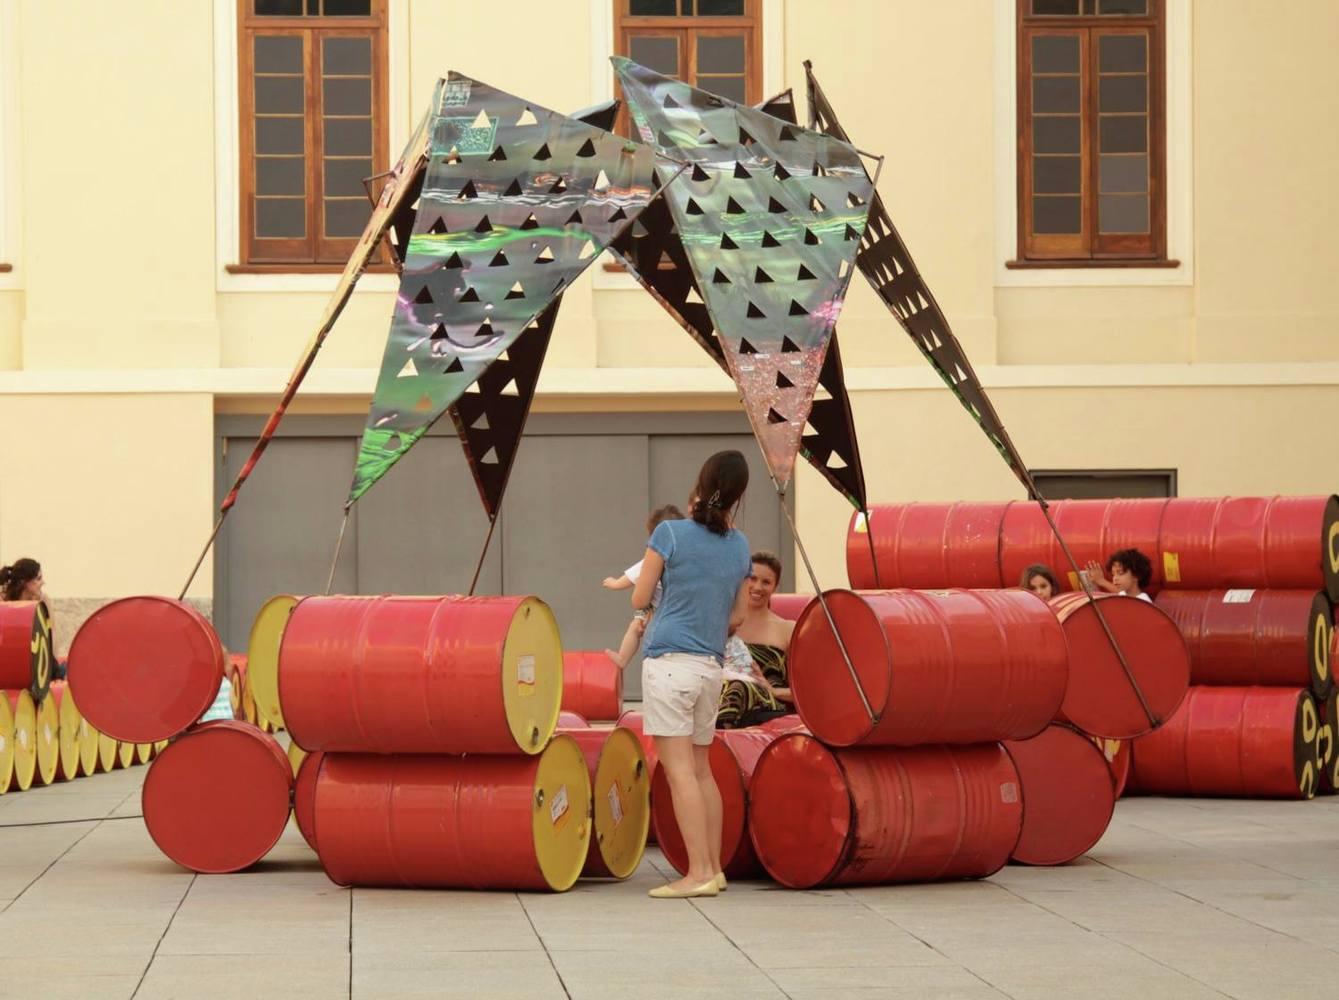 Coletivo cria playground no Rio com 200 tambores de óleo que iriam para o lixo 5